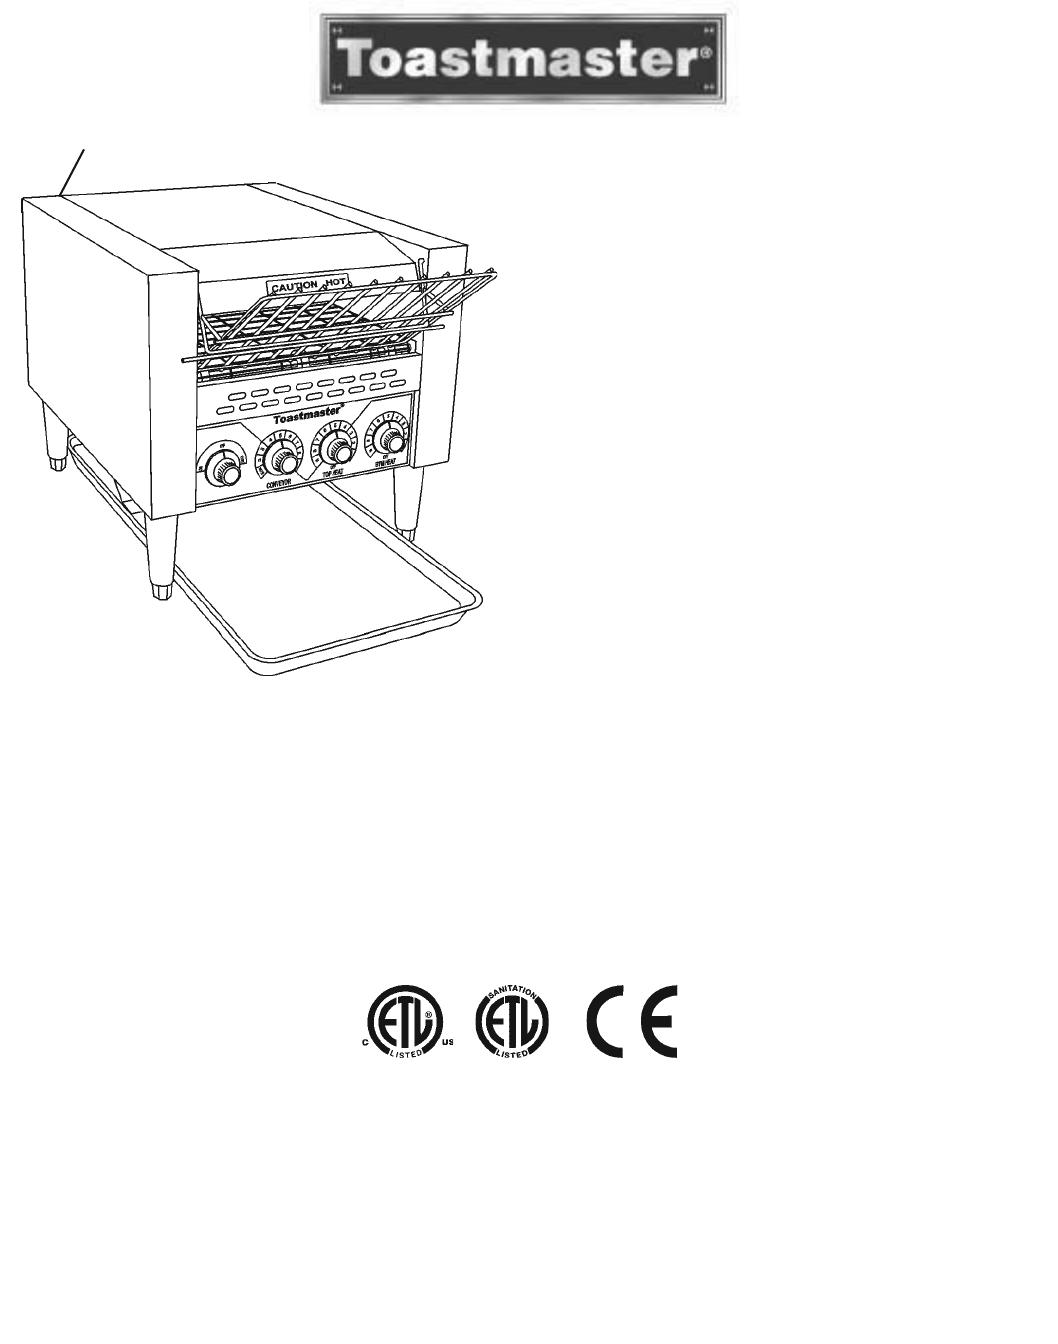 Toastmaster Toaster Tc17A Users Manual C_TC17A_TC21A